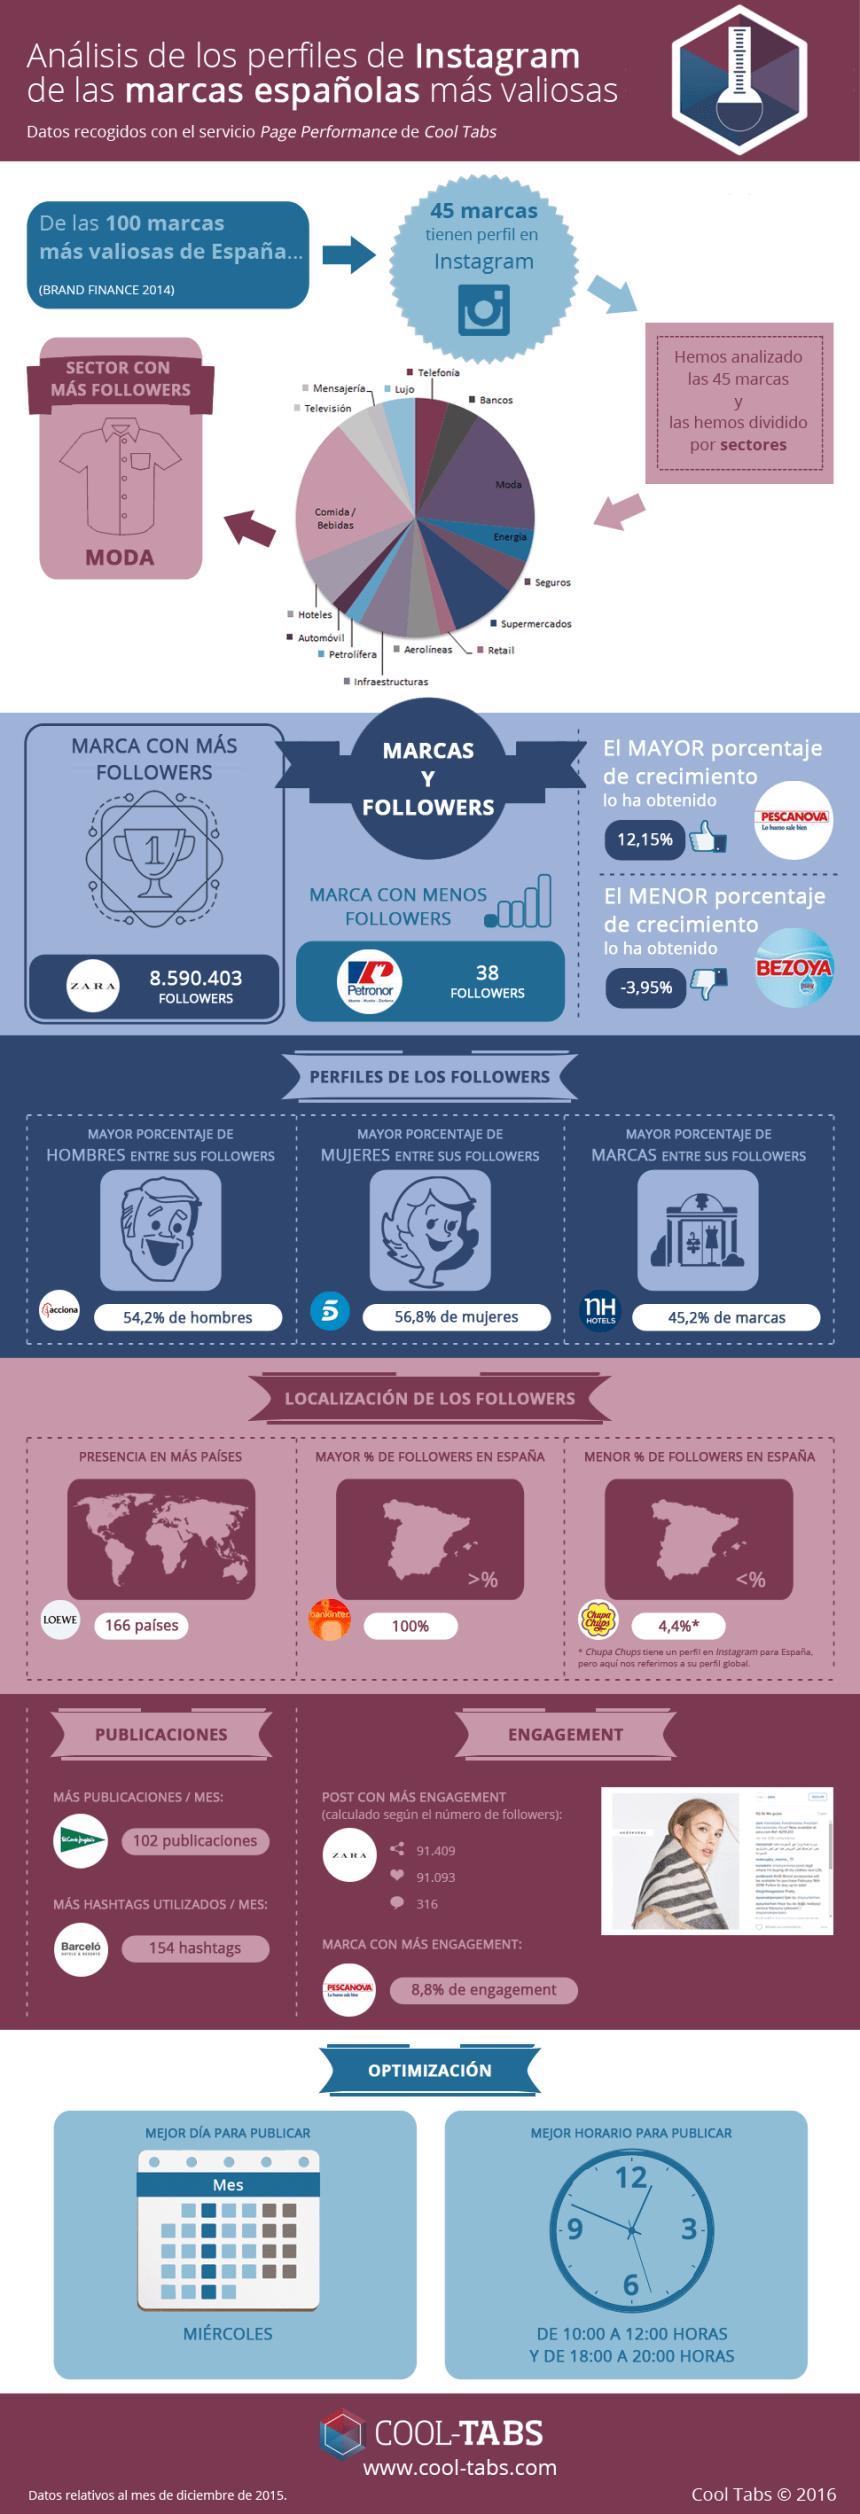 Análisis del Instagram de las Marcas más valiosas de España